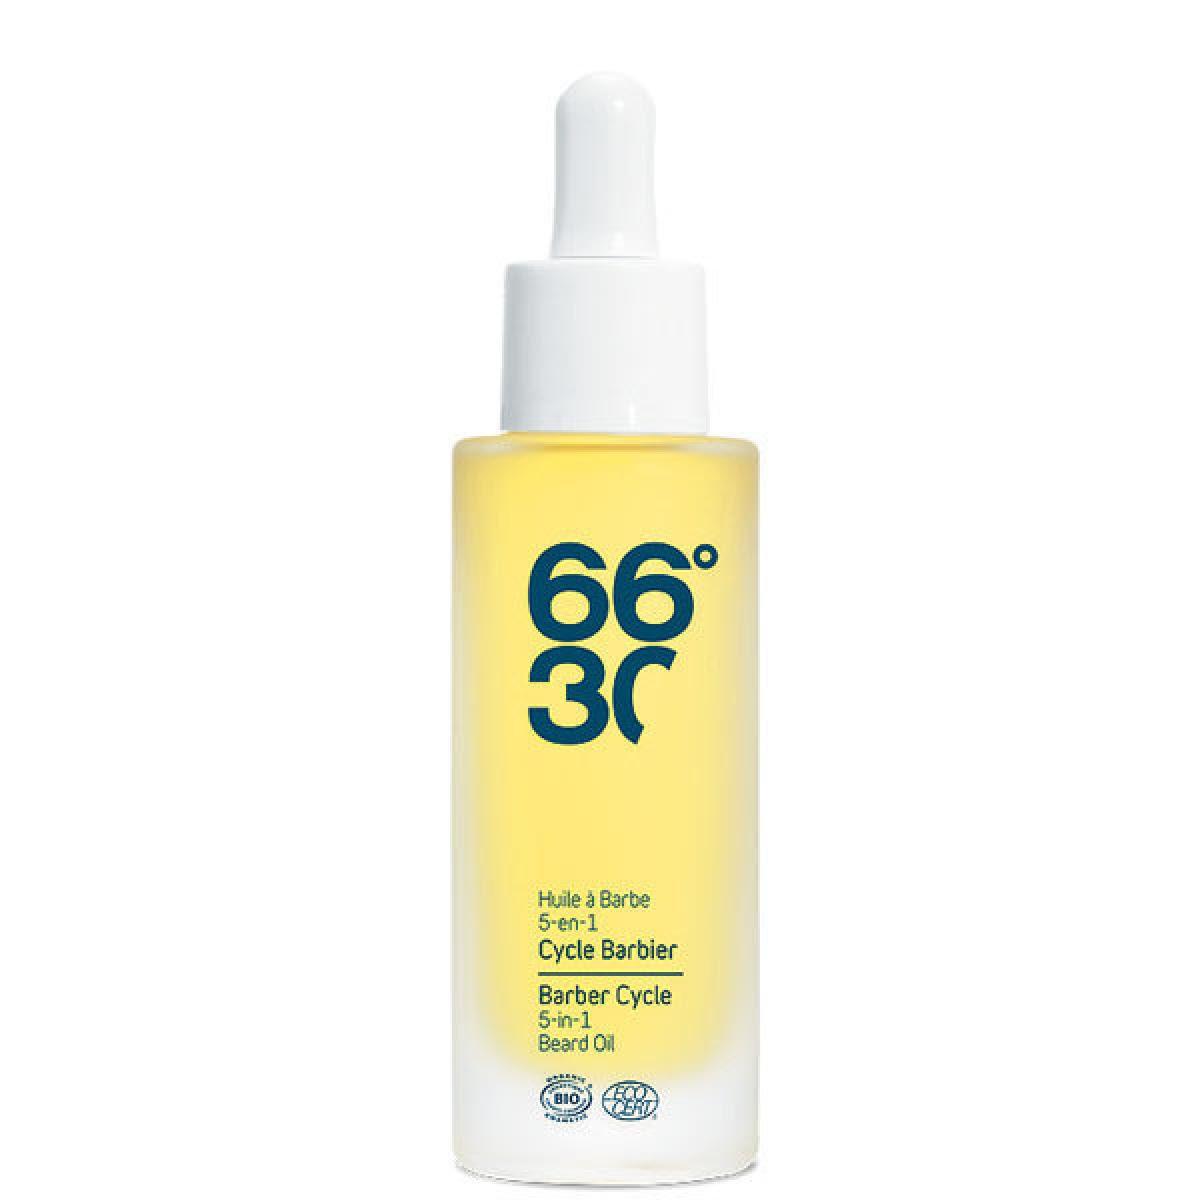 Meilleure huile à barbe 2021 - Avis sur 66°30